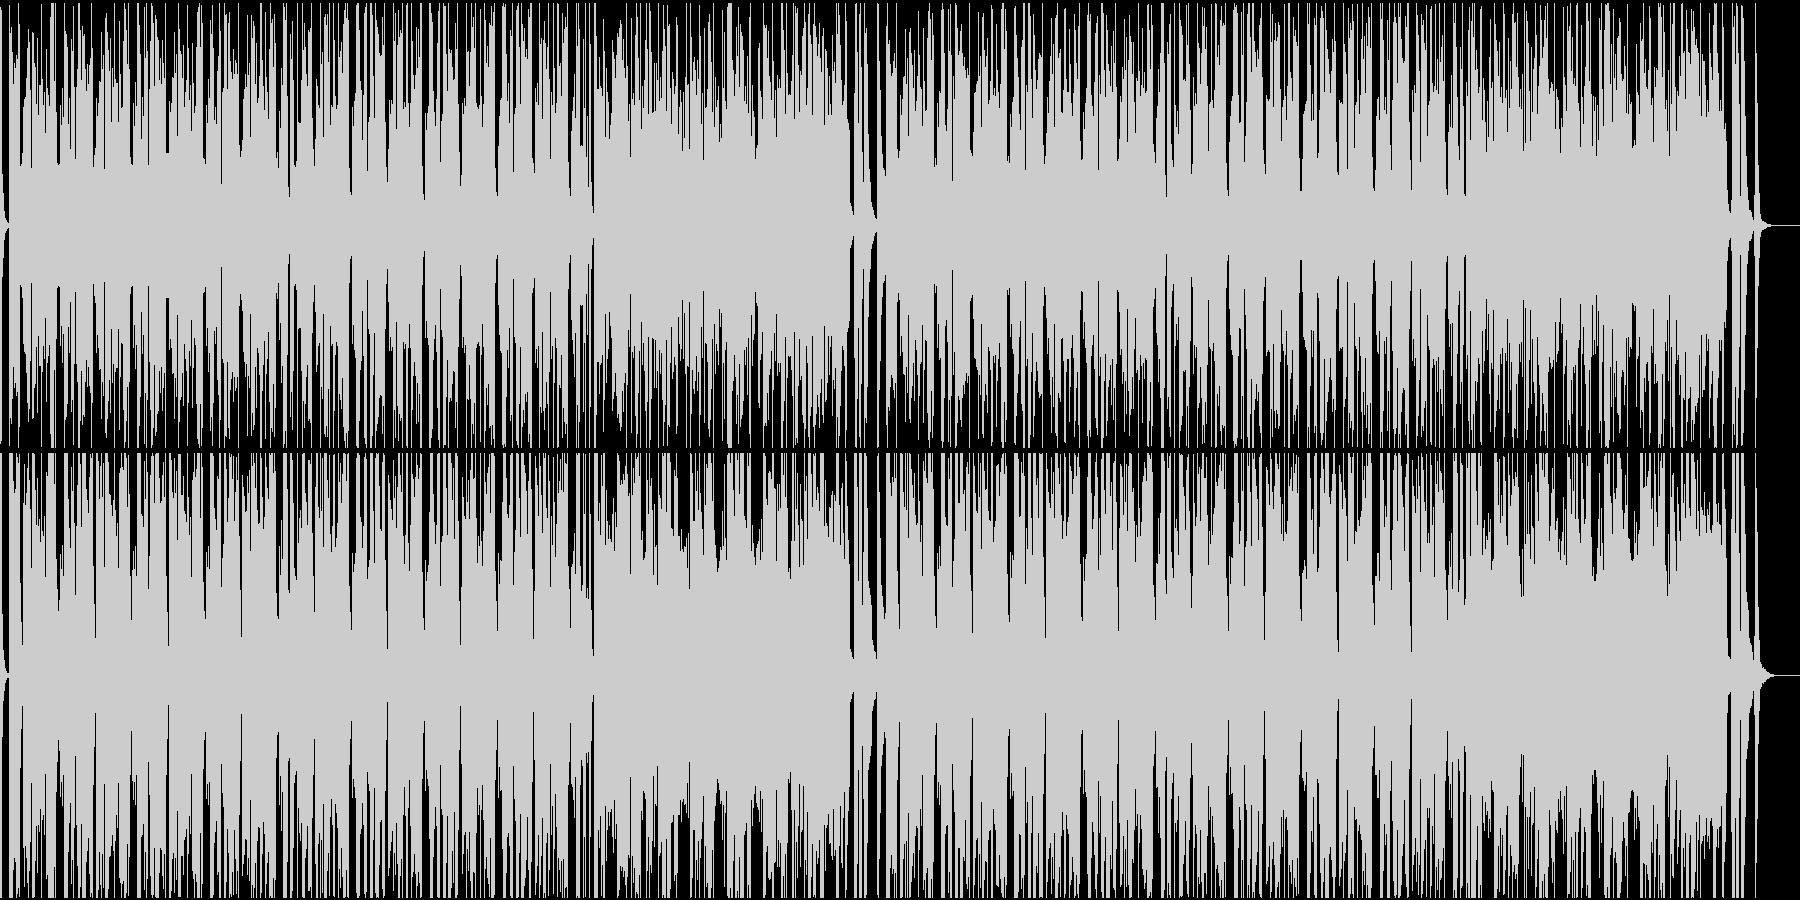 軽快なファンクポップの未再生の波形